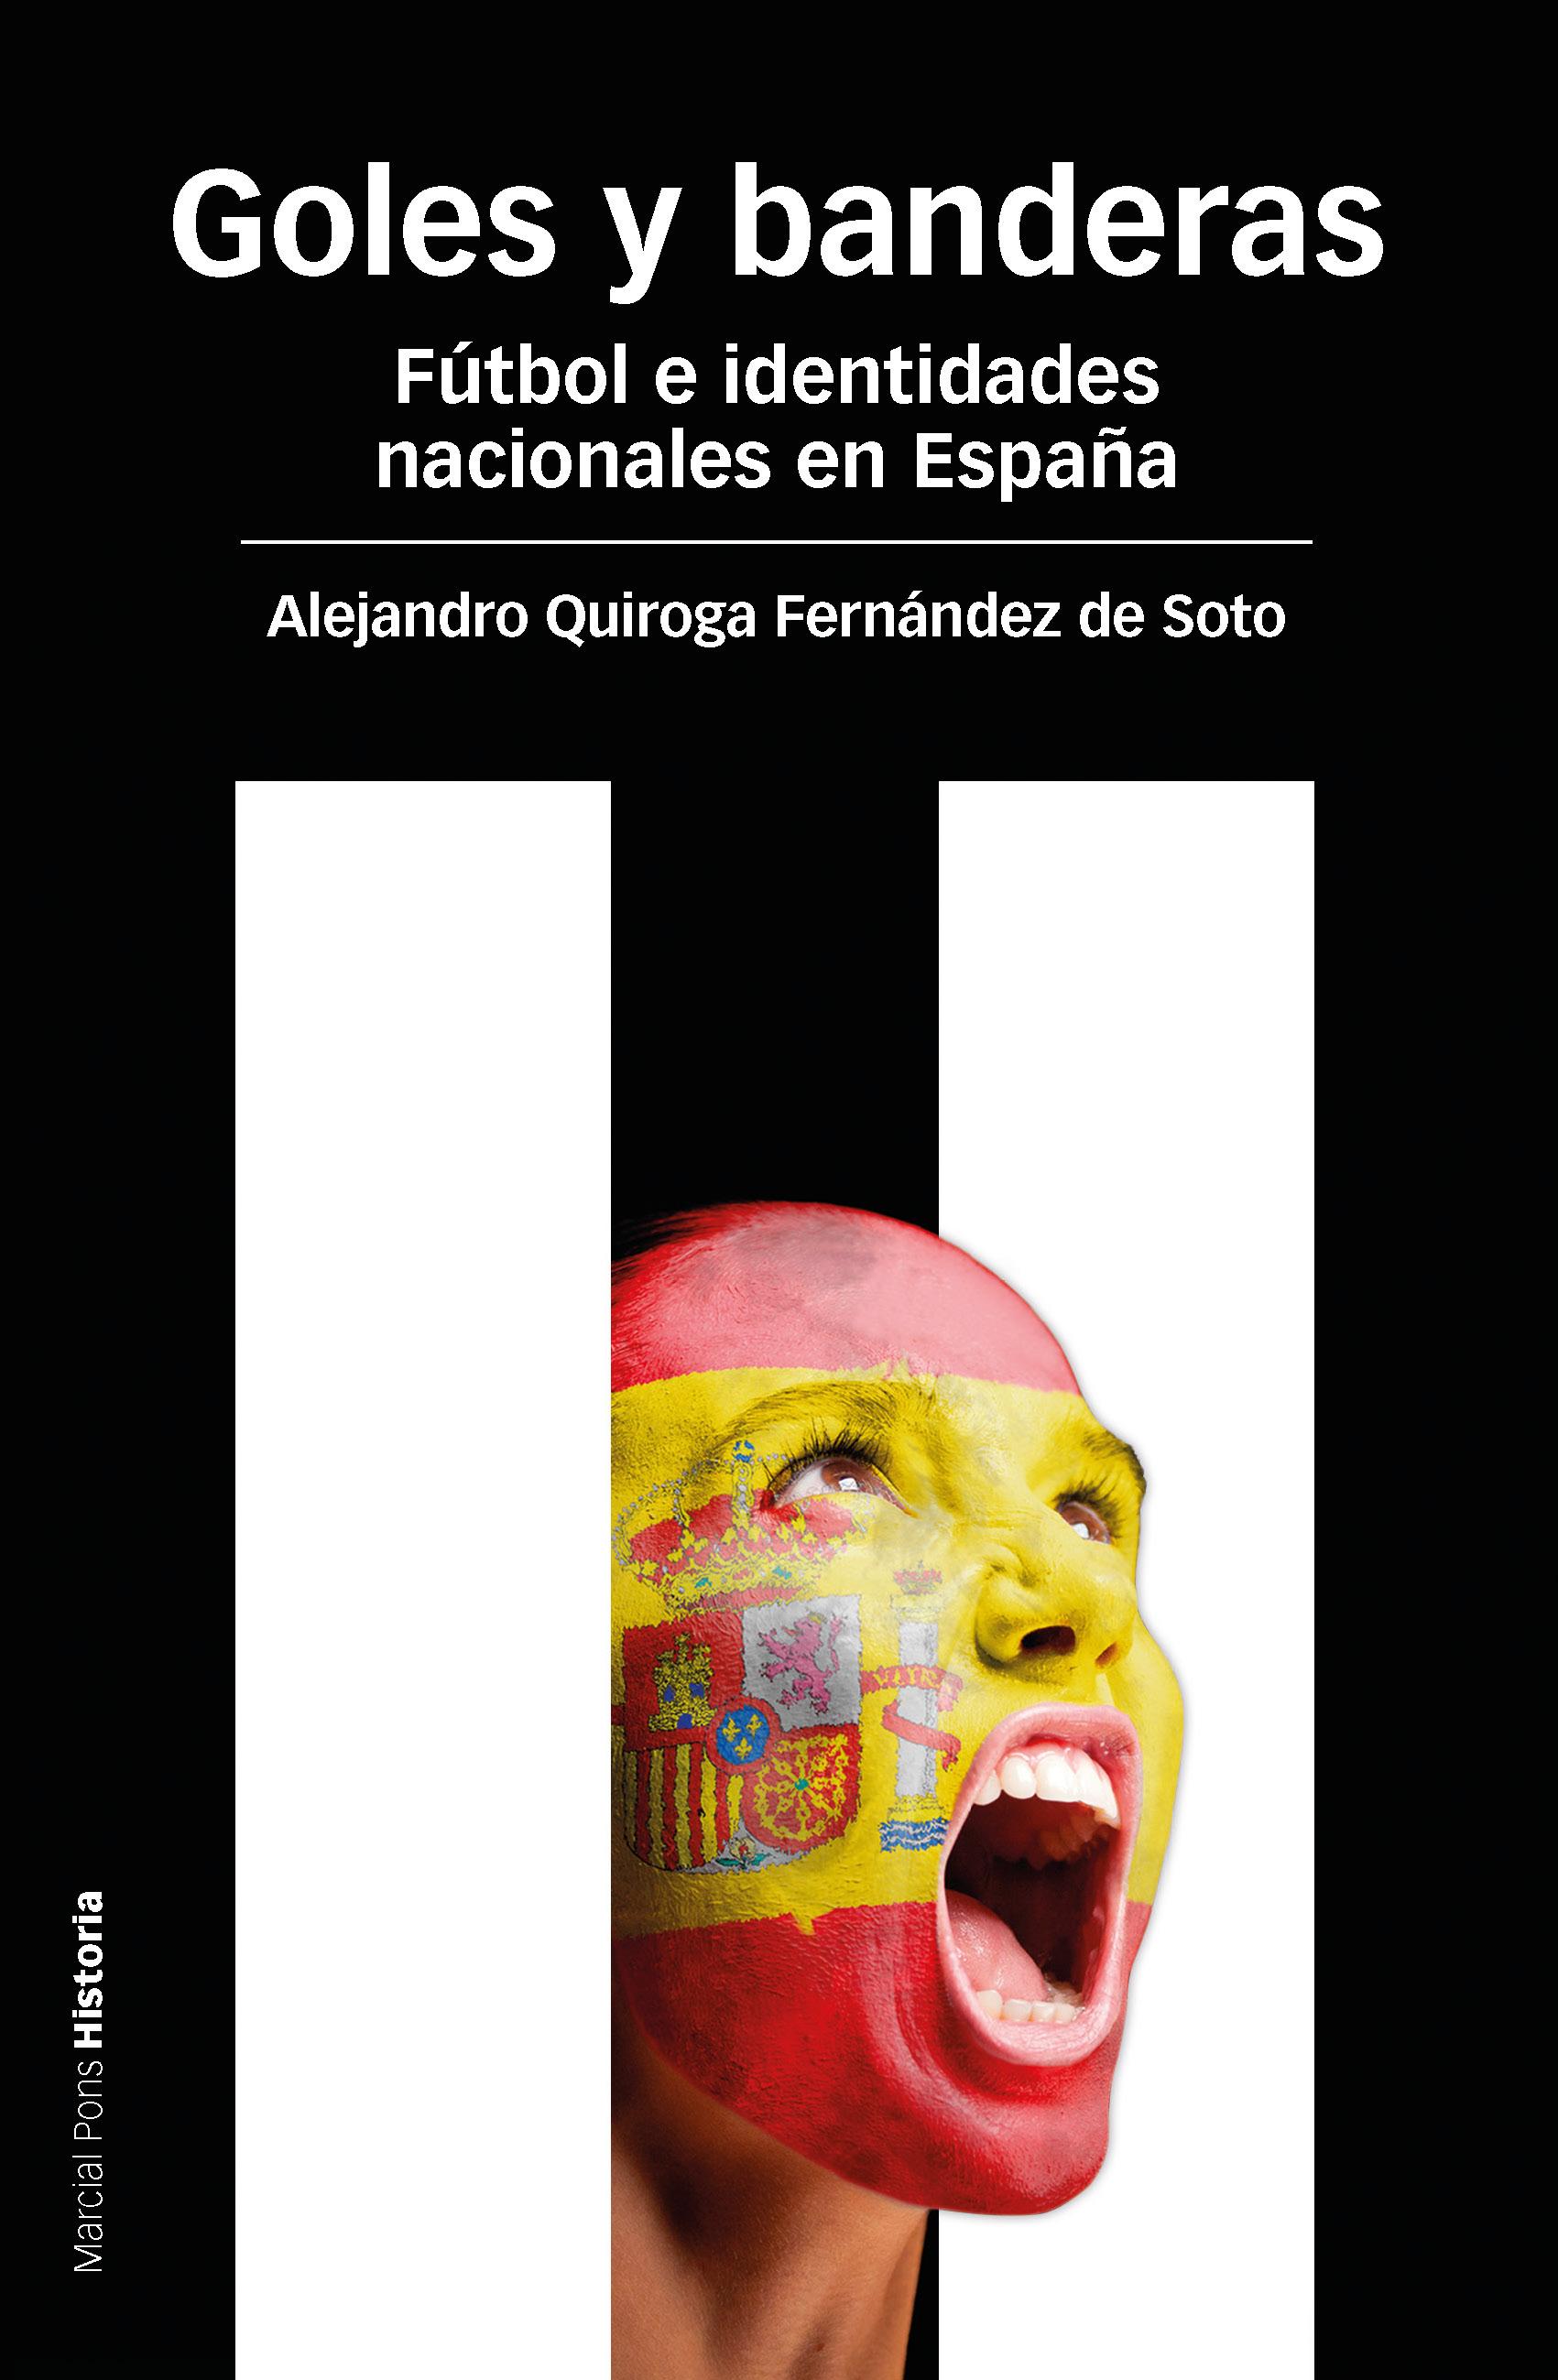 GOLES Y BANDERAS- FUTBOL E IDENTIDADES NACIONALES EN ESPAÑA